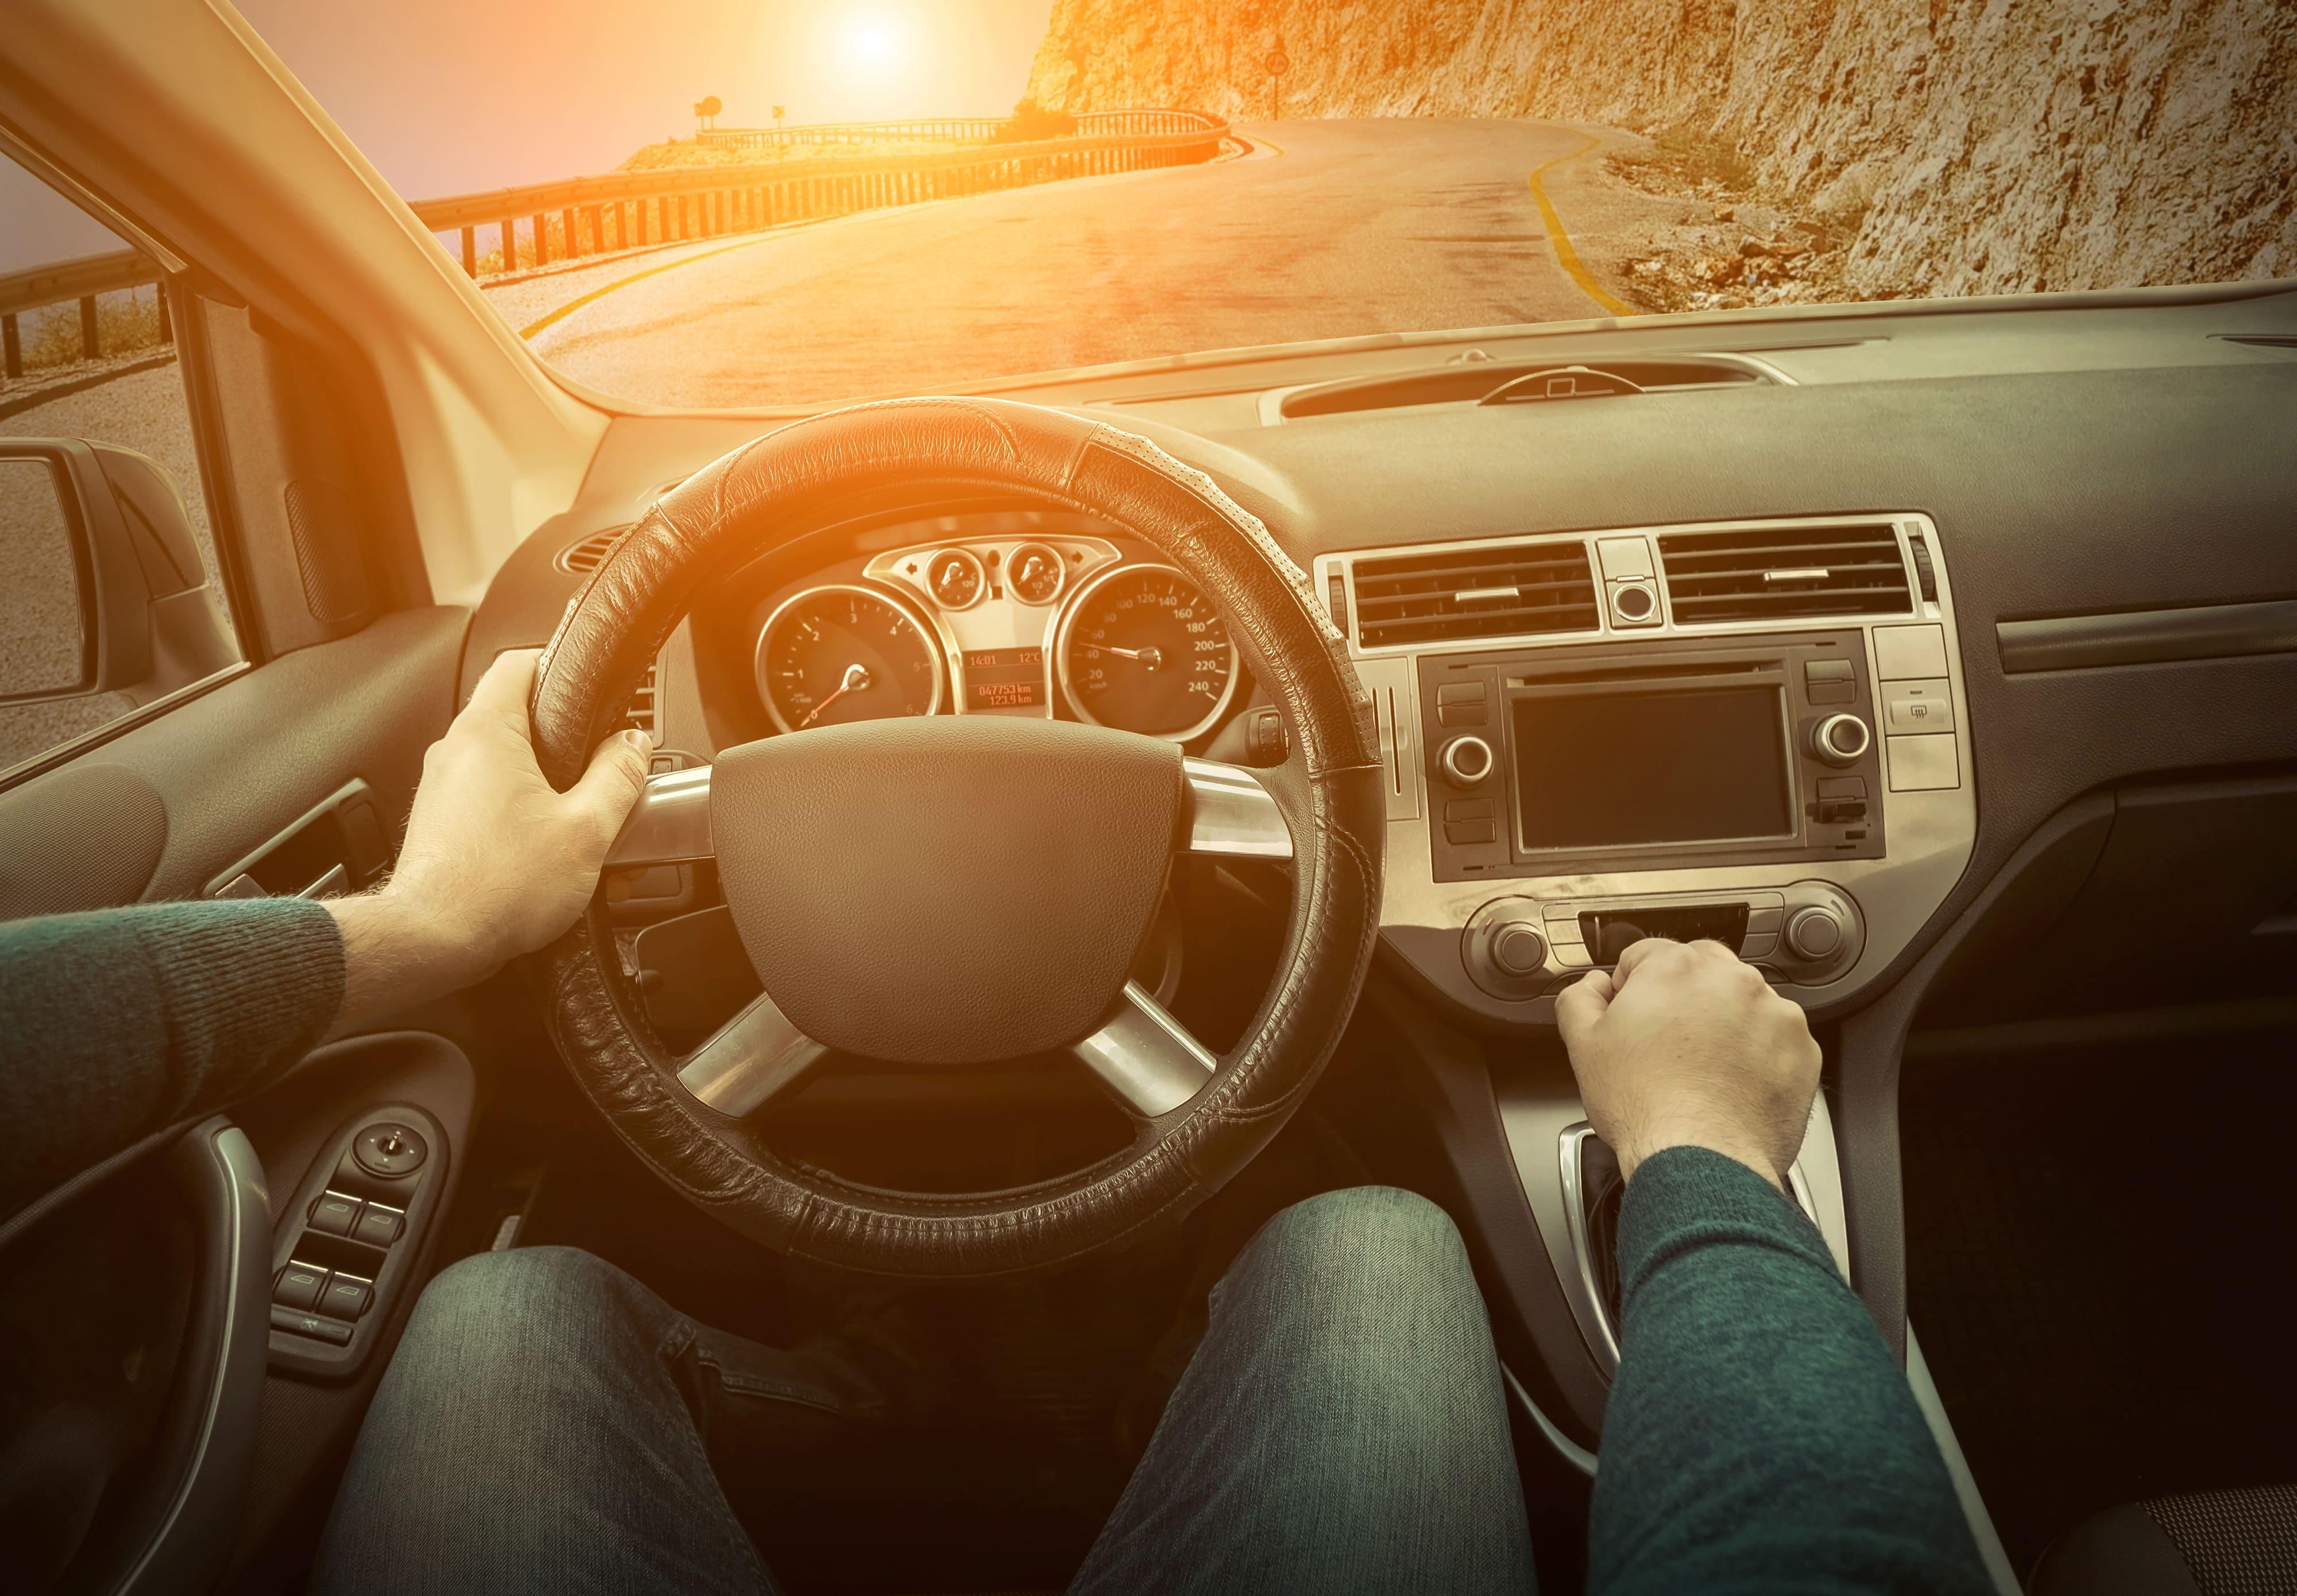 【東京都千代田区】自社ローンで中古車を購入した方に口コミ・評判を聞きました!